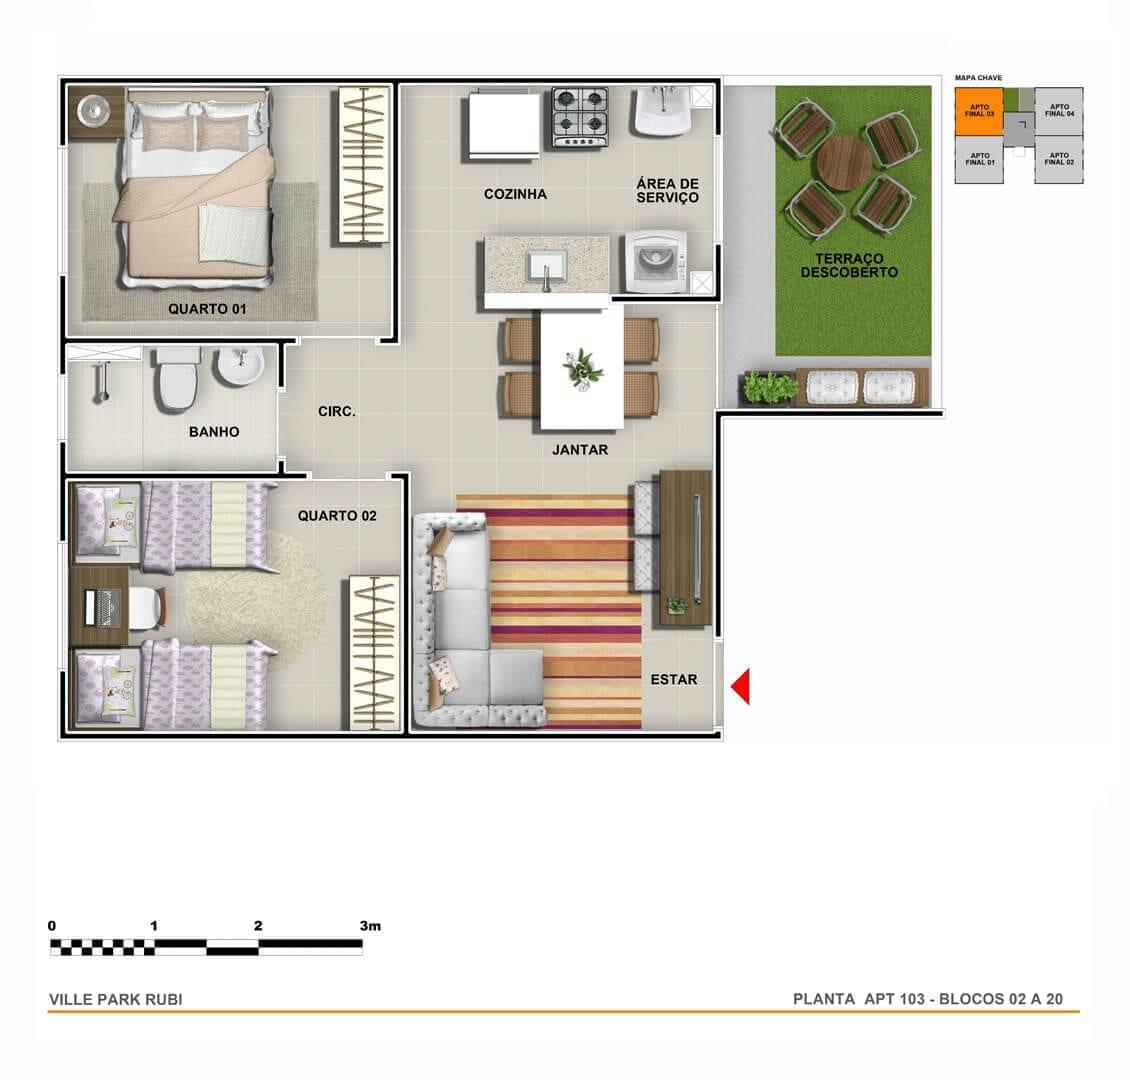 vic-engenharia-ville-park-rubi-apartamento-terreo-01